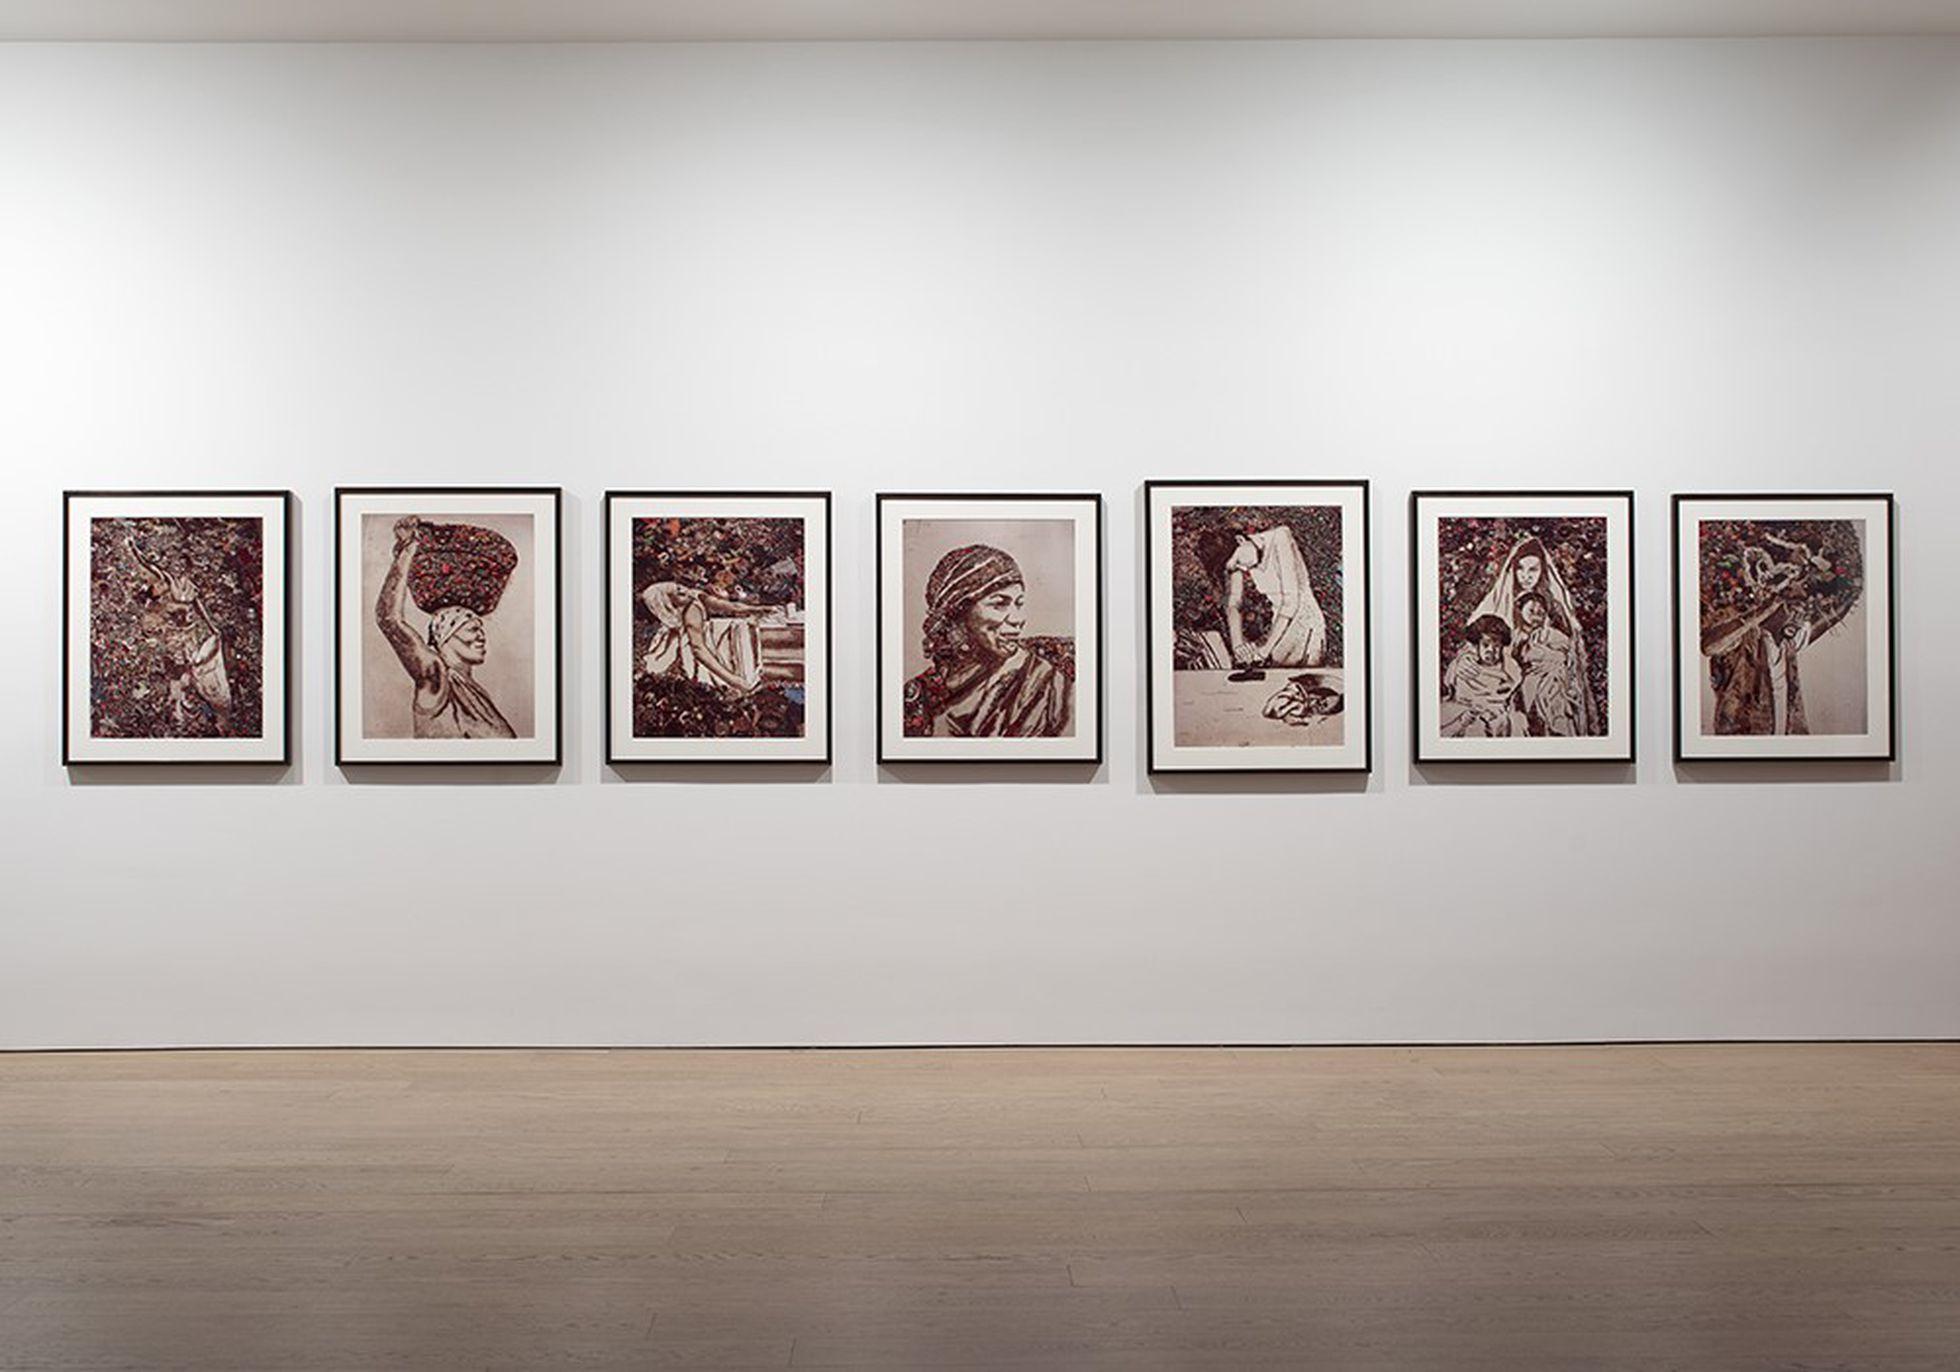 Музею Аликанте подарили коллекцию произведений искусства общей стоимостью 2 миллиона евро